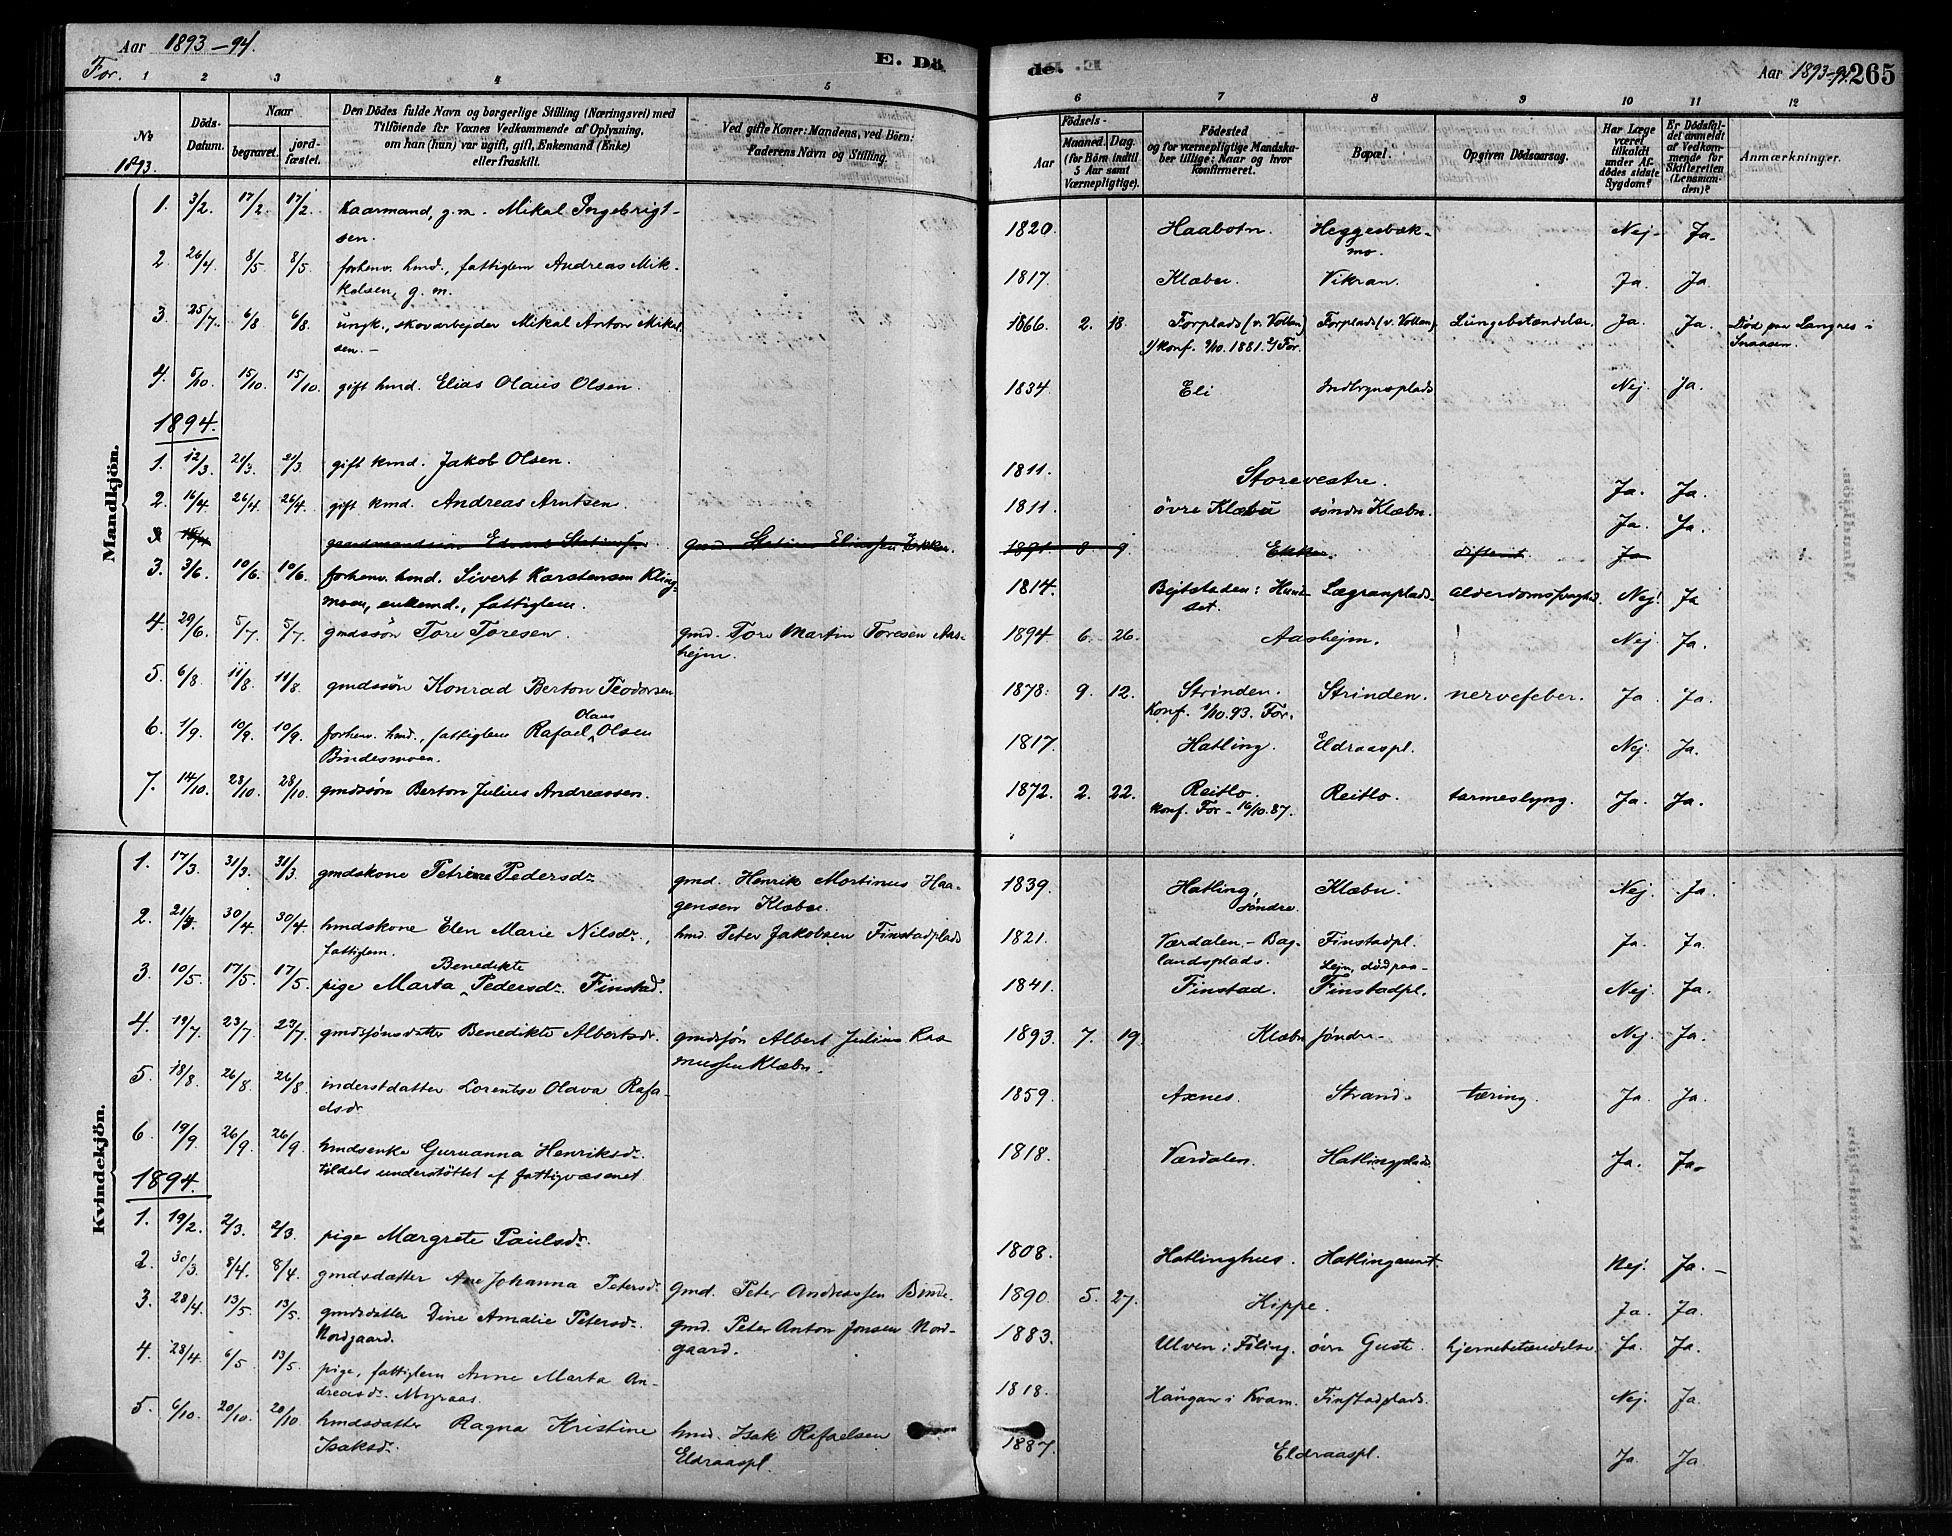 SAT, Ministerialprotokoller, klokkerbøker og fødselsregistre - Nord-Trøndelag, 746/L0448: Ministerialbok nr. 746A07 /1, 1878-1900, s. 265